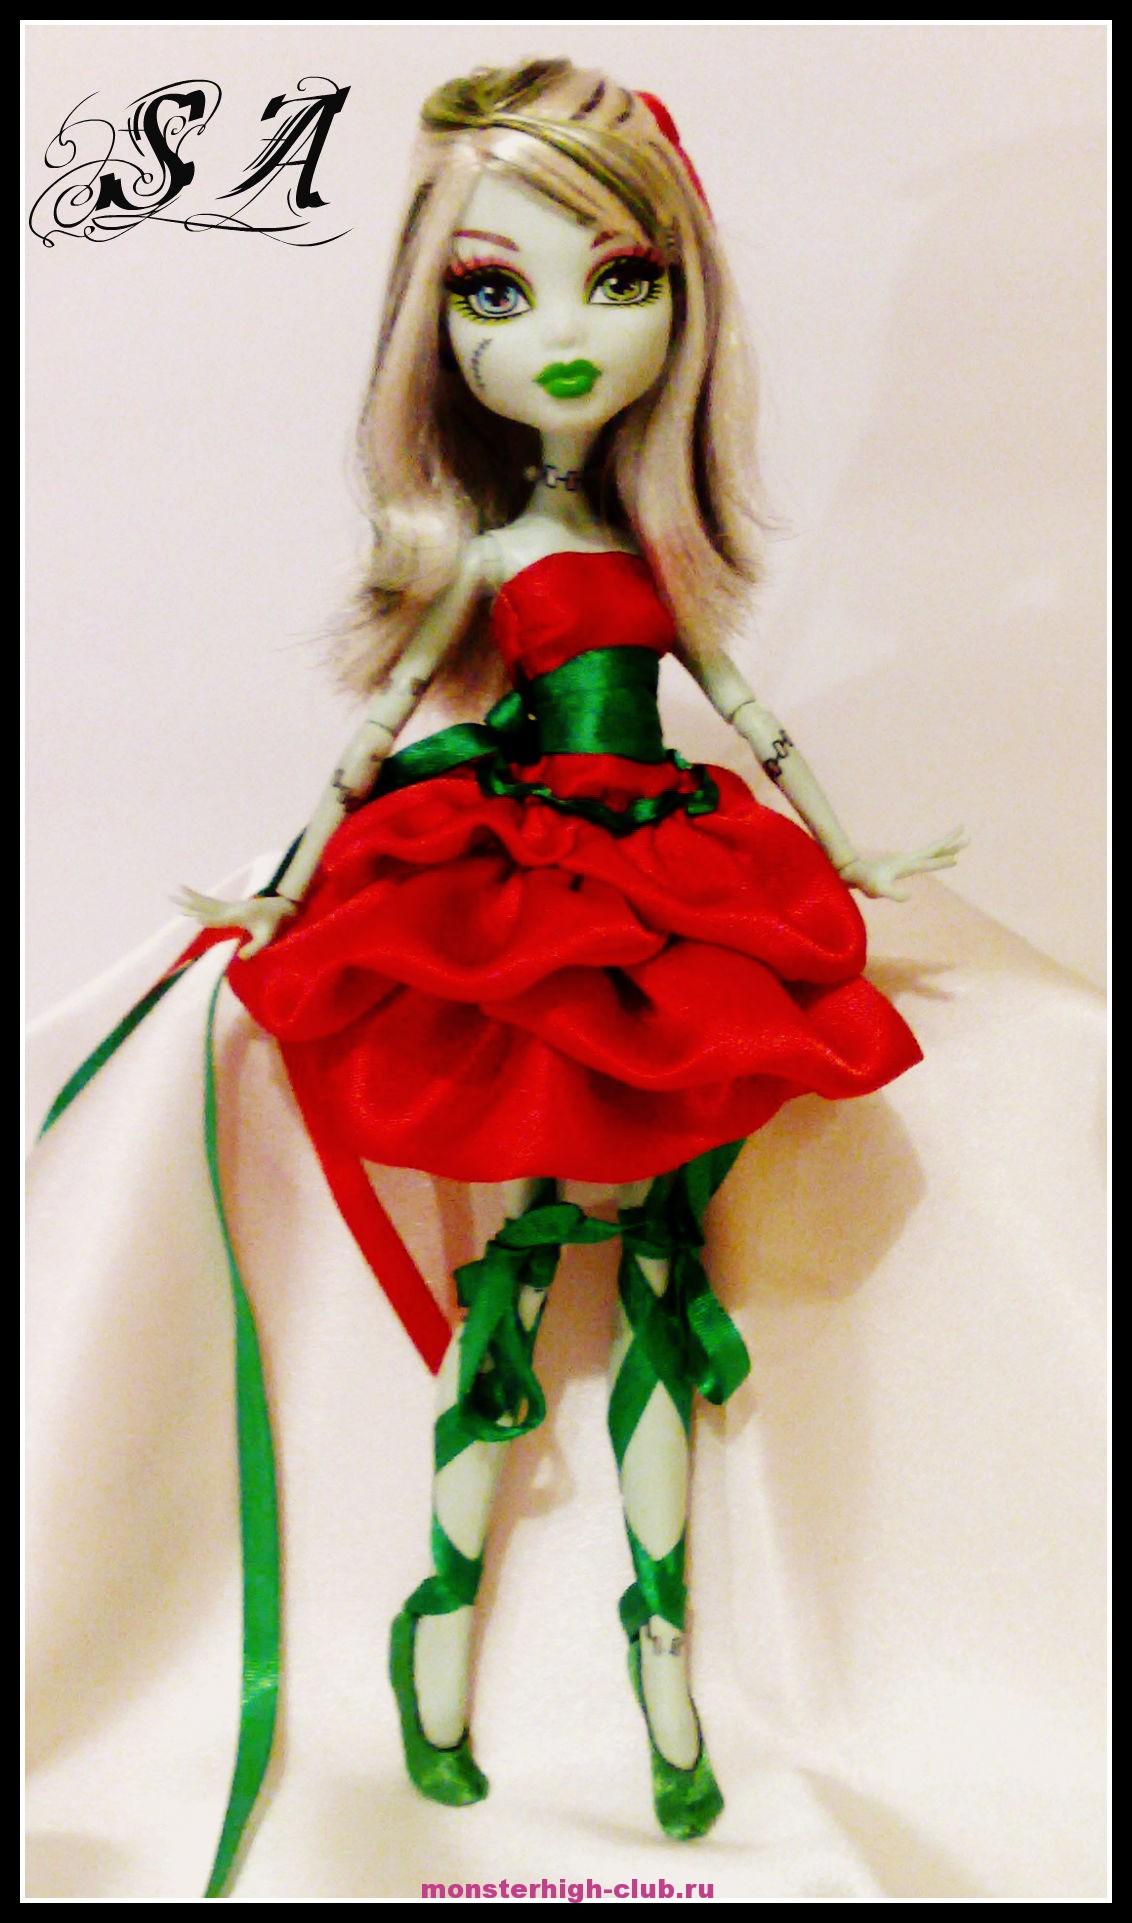 Свадебное платье для куклы монстер хай своими руками